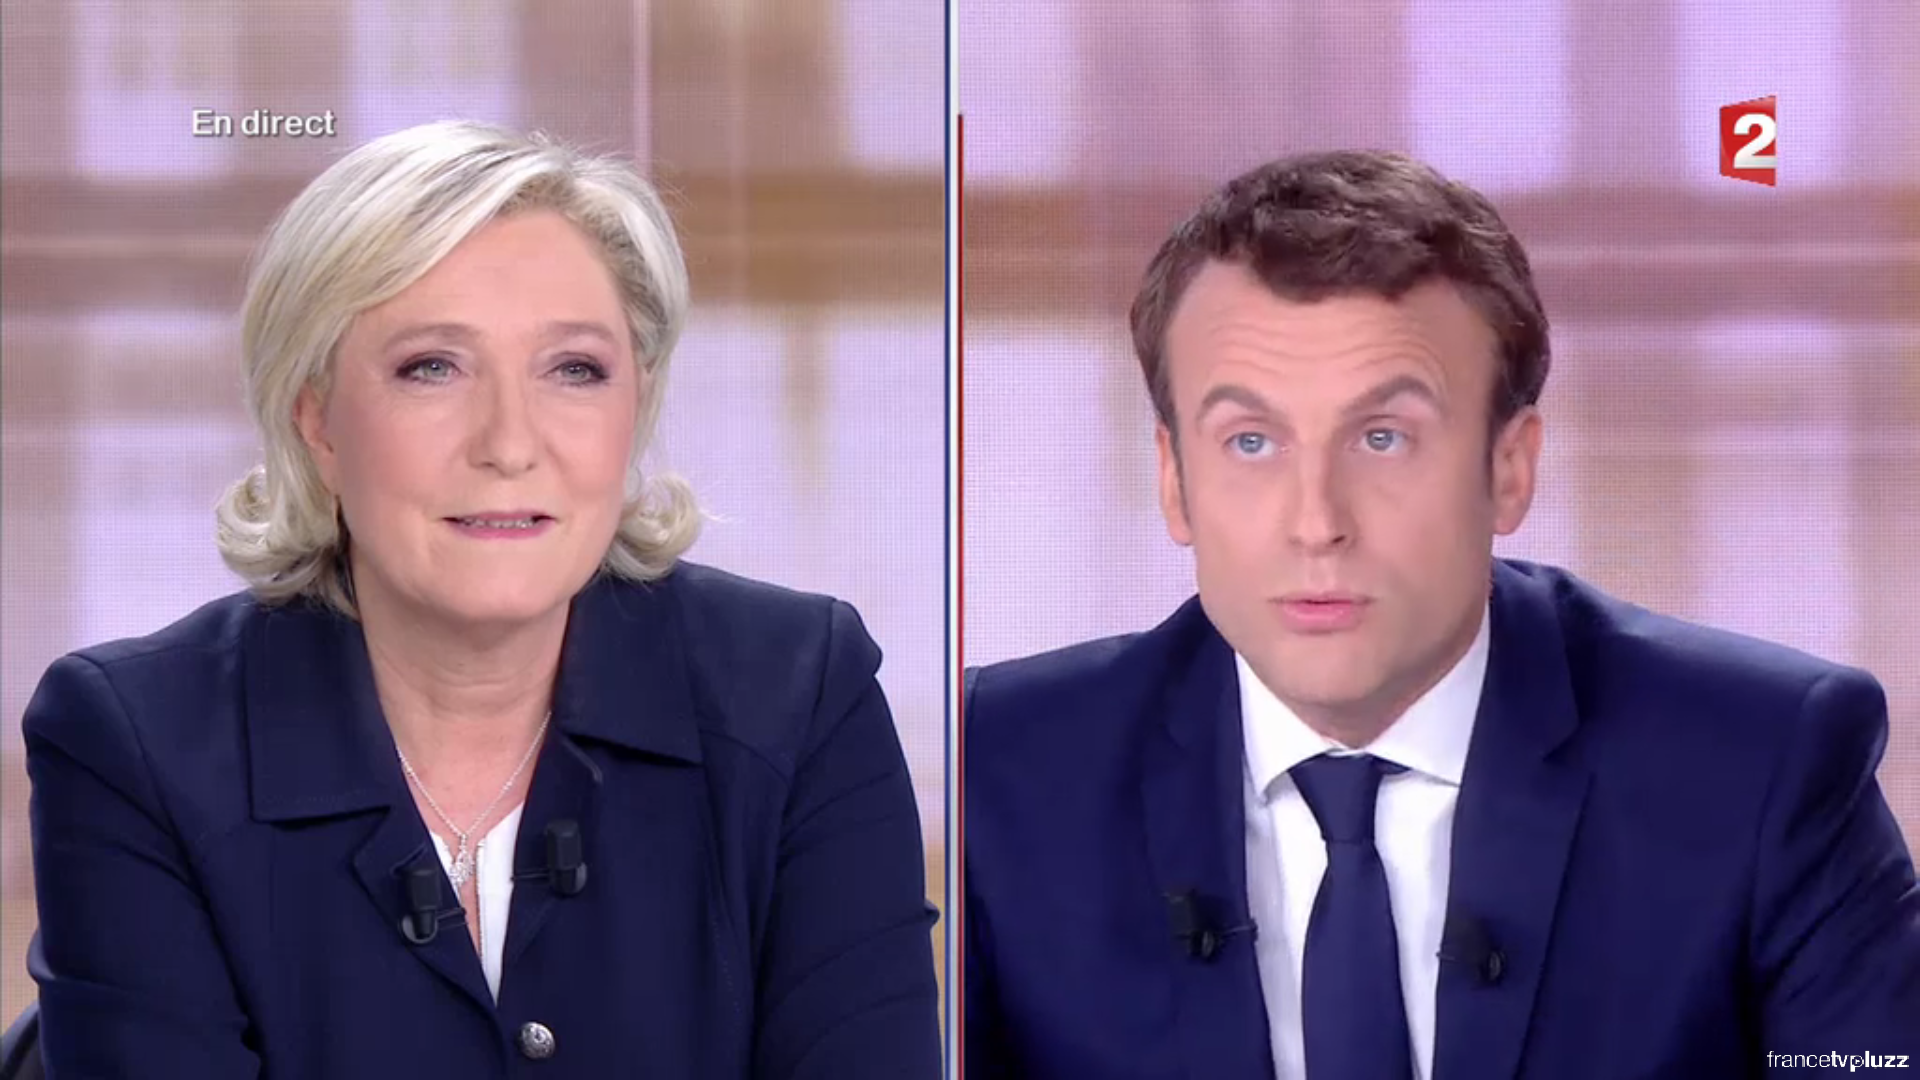 في مناظرة تلفزية: حرب كلامية حادة بين مرشحي الرئاسة الفرنسية ماكرون ولوبان